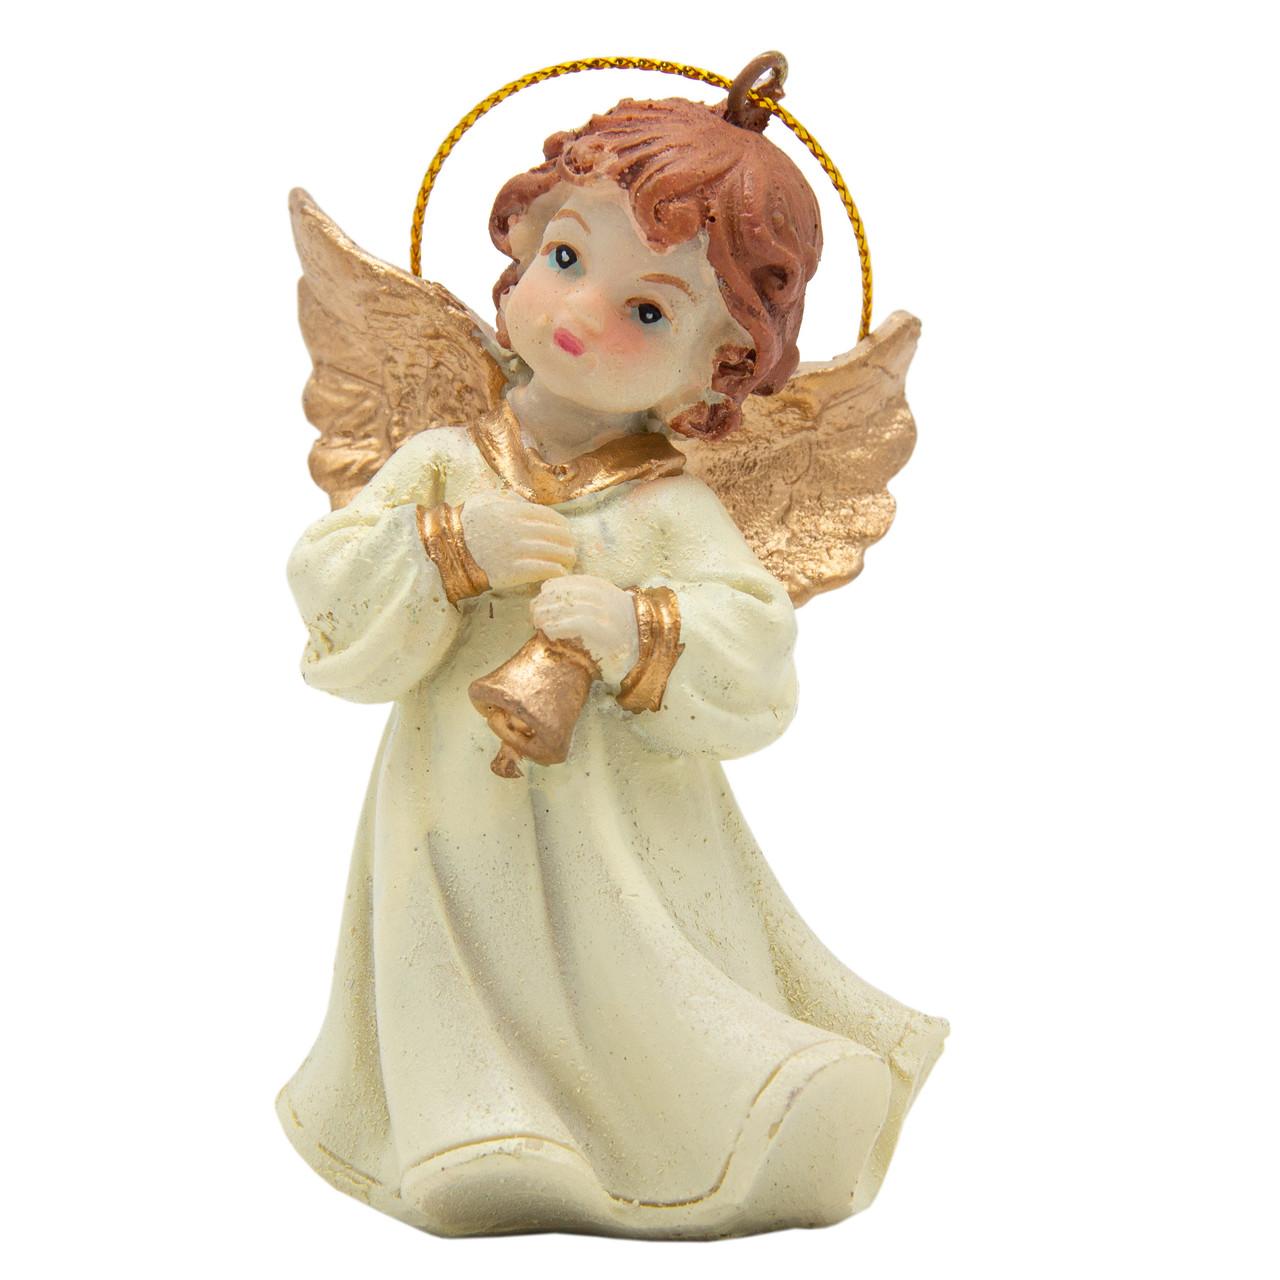 Фигурка сувенирная из полистоуна, h-7 см, Ангелочек с колокольчиком, (000333-3)